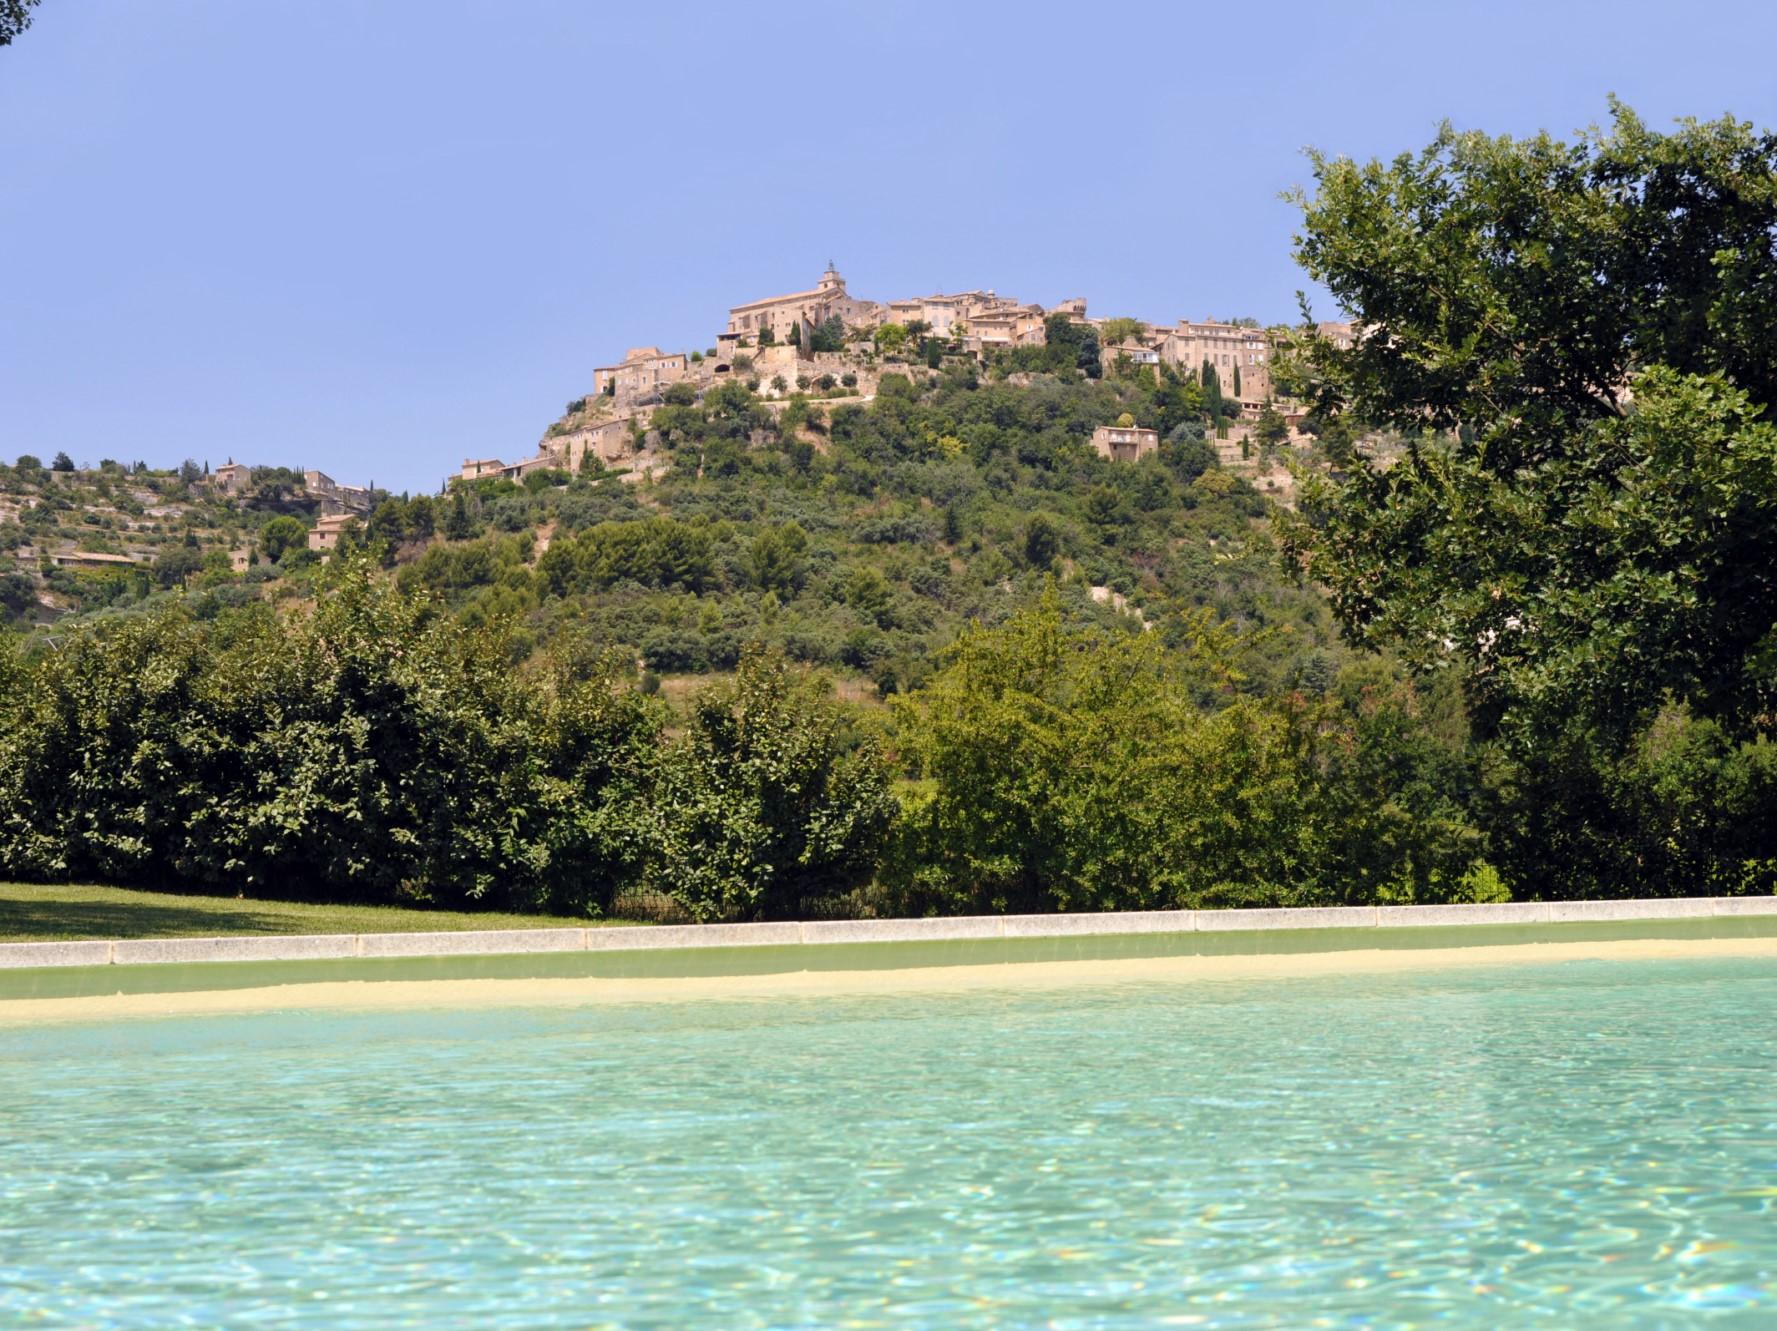 Luberon, à vendre, belle bastide en pierres avec piscine et vue imprenable